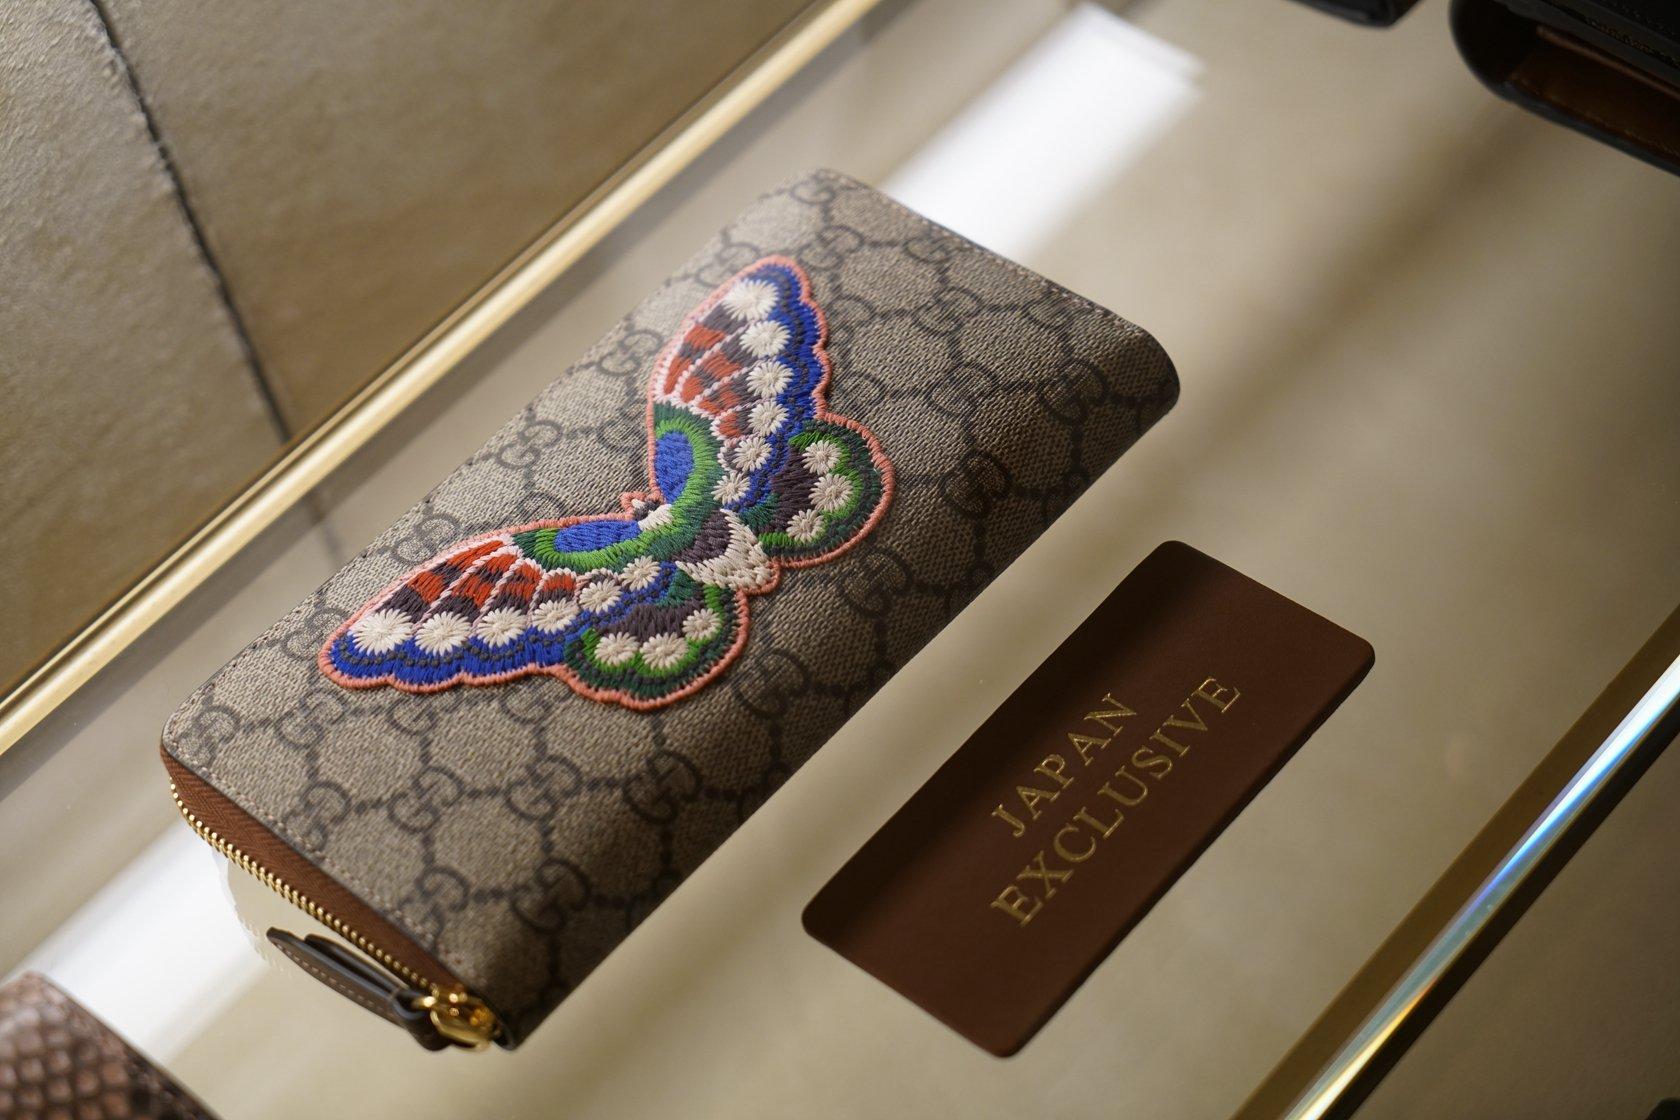 3166331495e8 当然,说不定你也跟我一样,虽然只是想体验个贵妇下午茶,但是没有经受住美物的诱惑,最后顺走了日本圣诞限定版的Gucci钱包,只有日本旗舰店有卖噢。